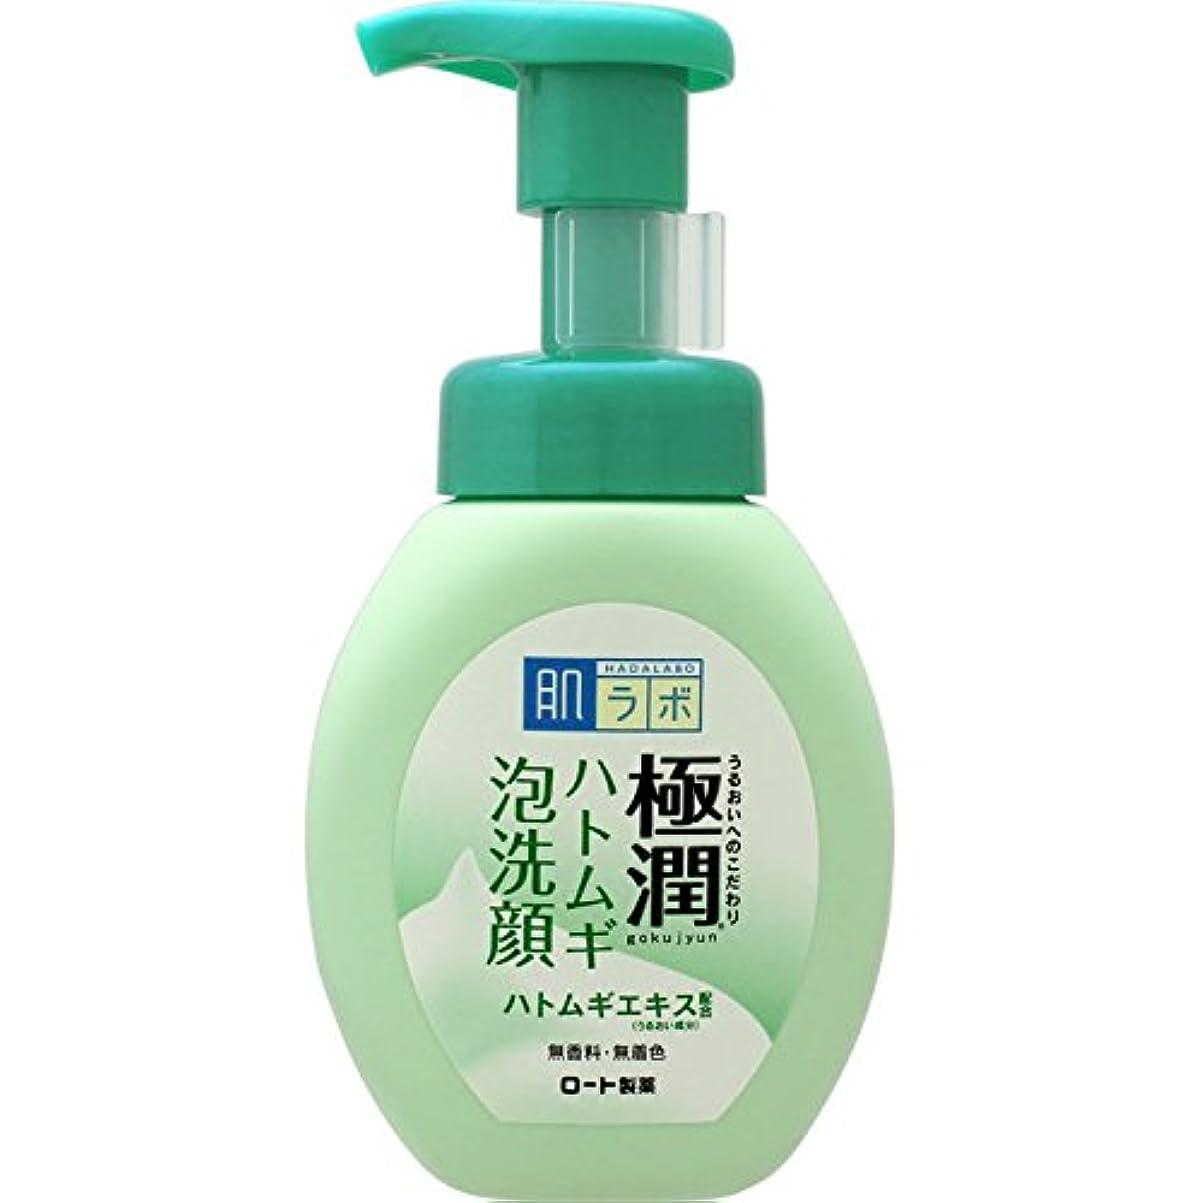 メタリック競う寄付肌ラボ 極潤 毛穴洗浄 大人ニキビ予防 ハトムギ泡洗顔 160mL